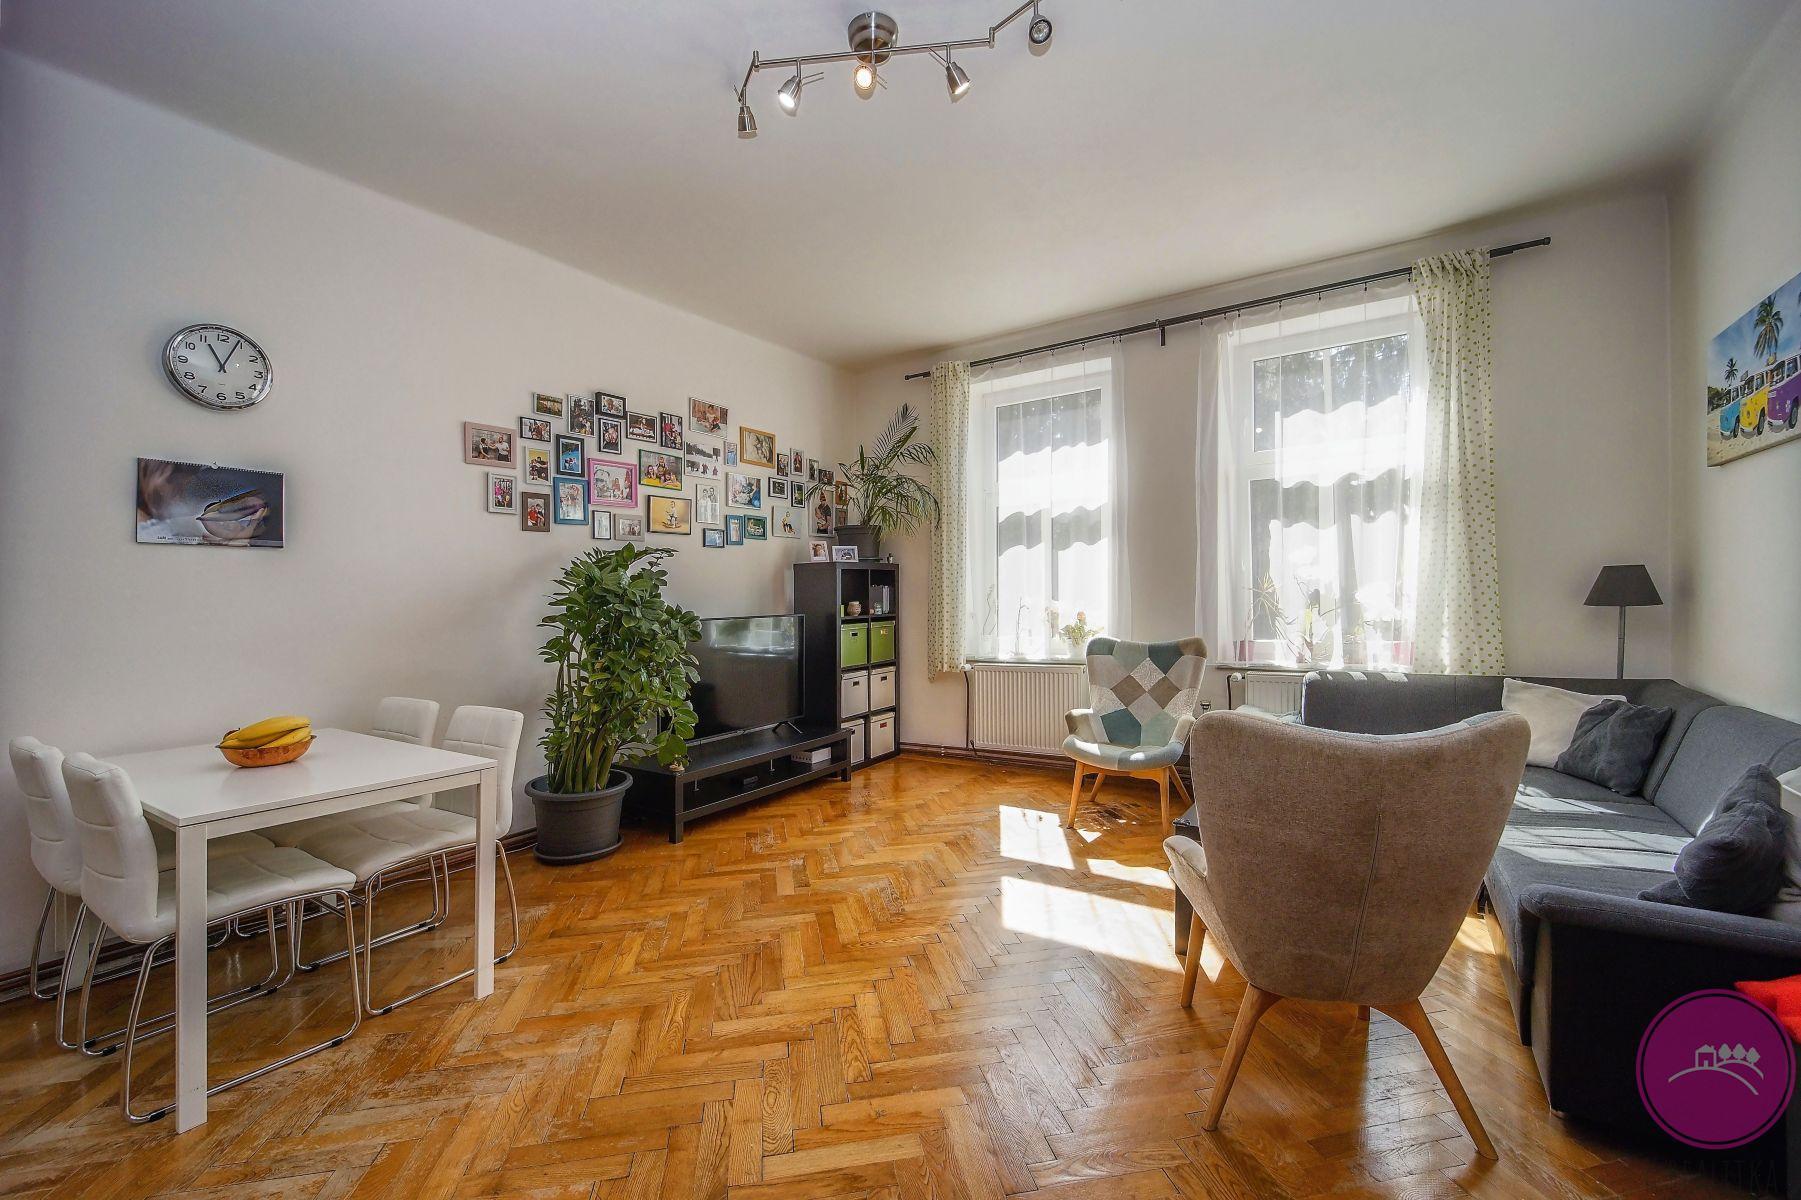 Prodej krásného bytu 4+kk v prvorepublikové vile na ulici Mozartova v Olomouci